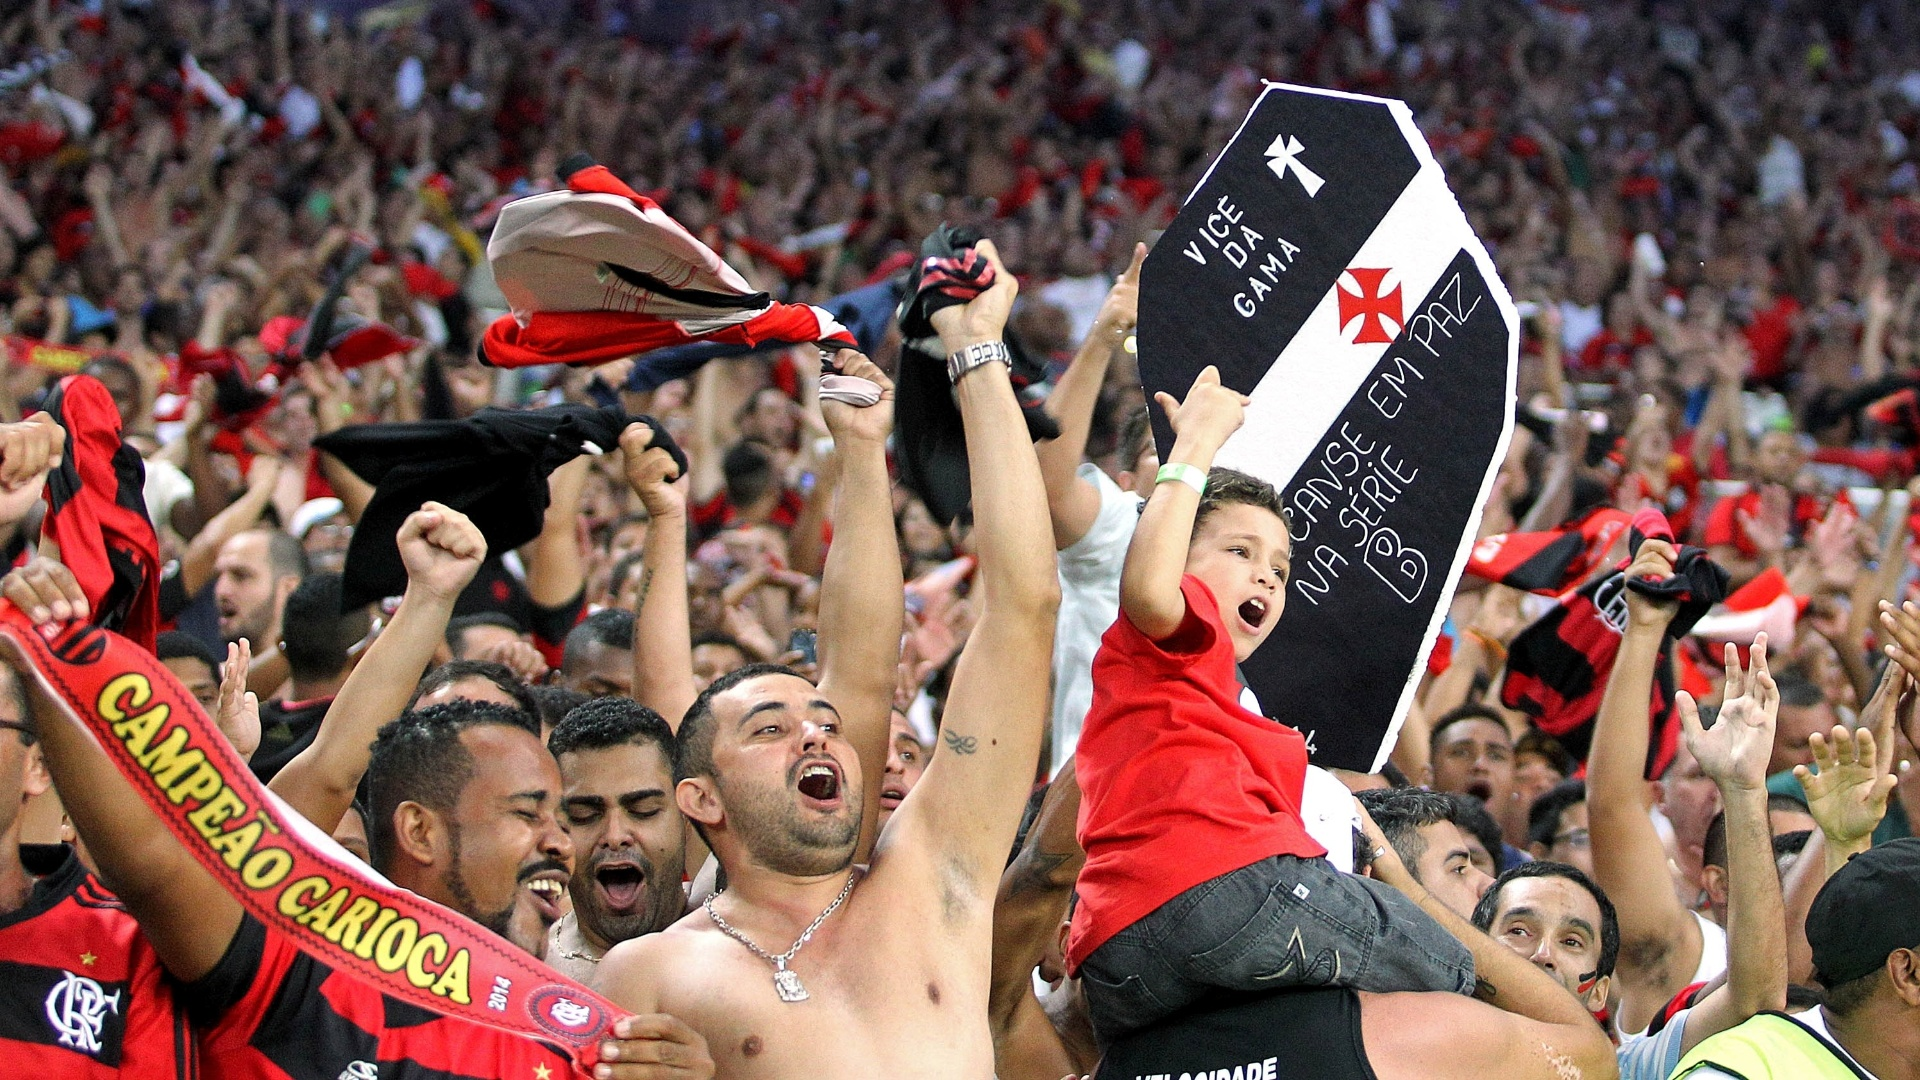 Torcida do Flamengo faz a festa nas arquibancadas do Maracanã com direito a caixão do Vasco